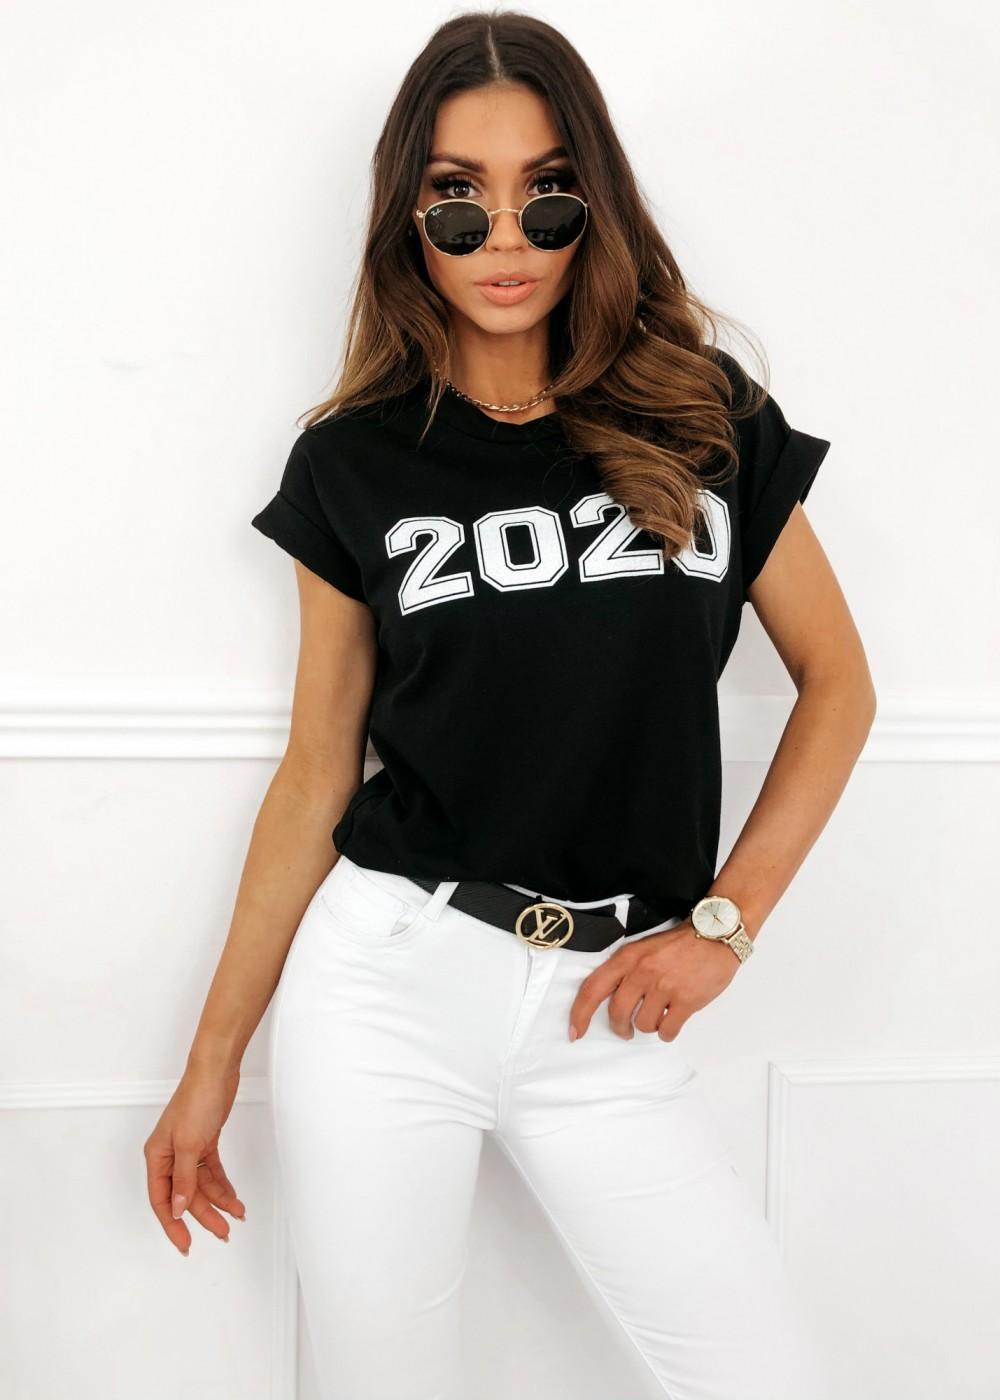 T-SHIRT 2020 - black